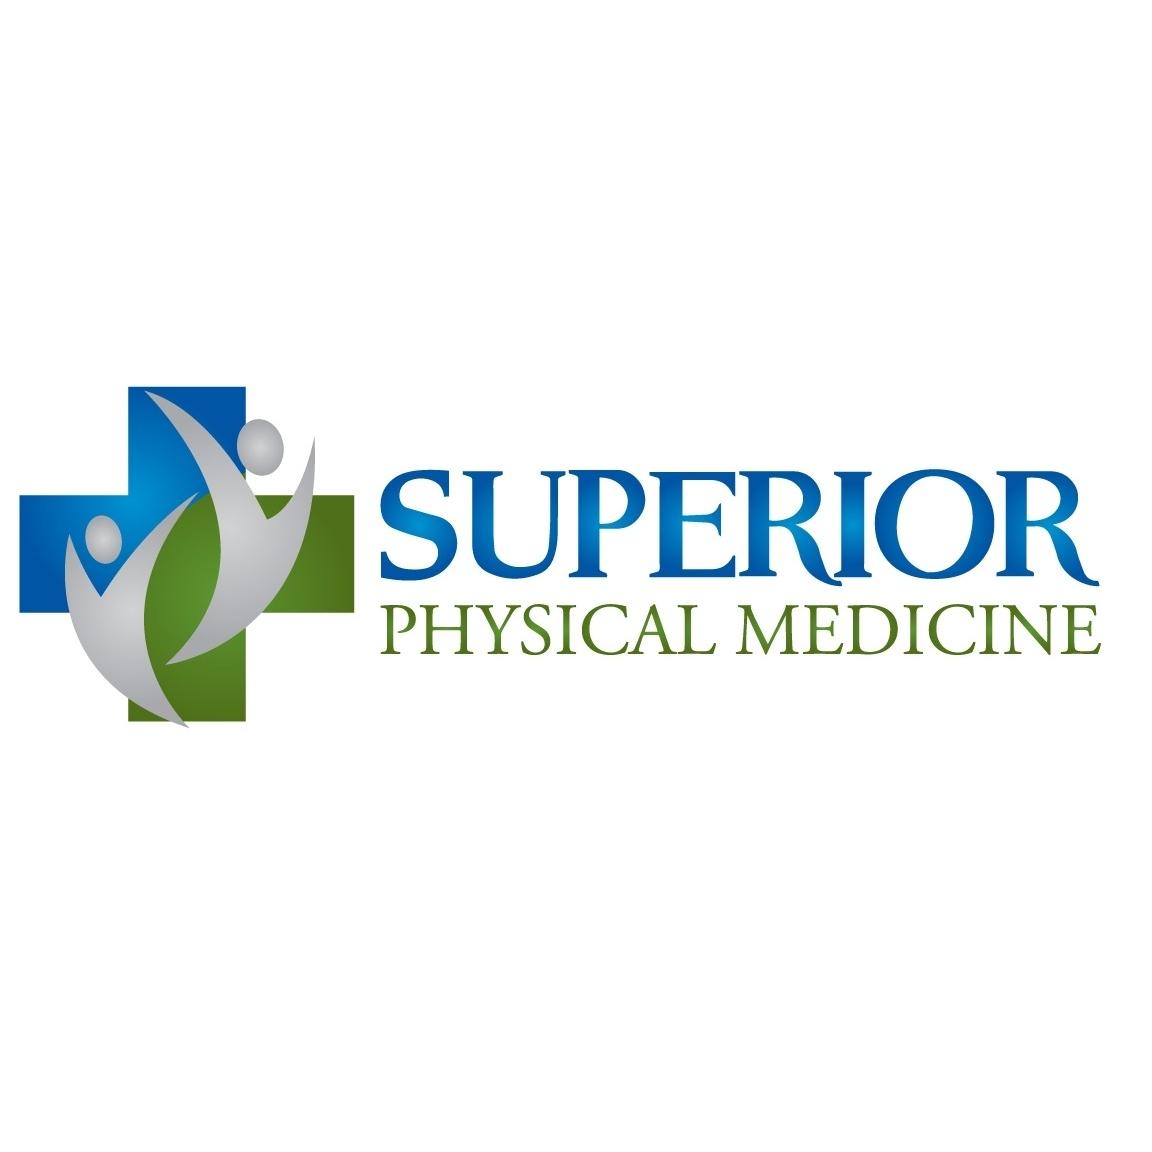 Superior Physical Medicine